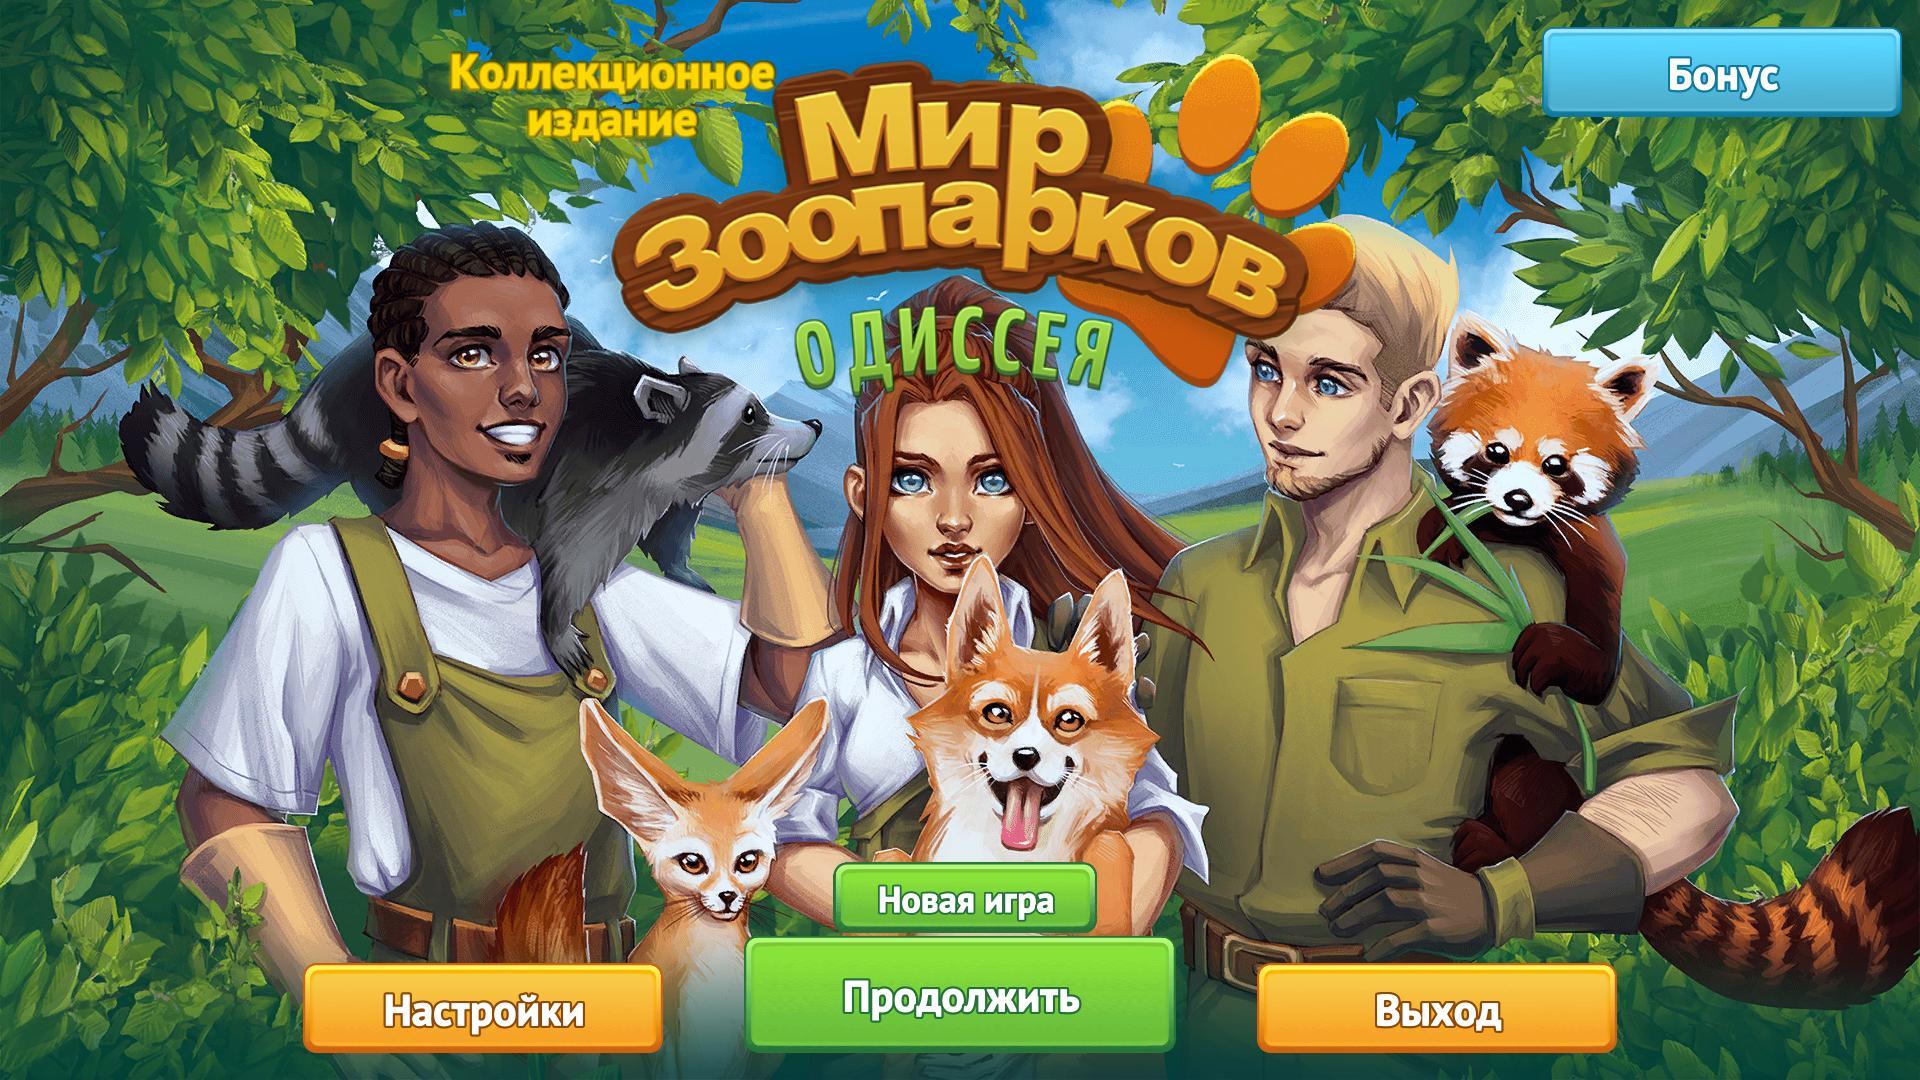 Мир зоопарков: Одиссея. Коллекционное издание | ZooWorld: Odyssey CE (Rus)